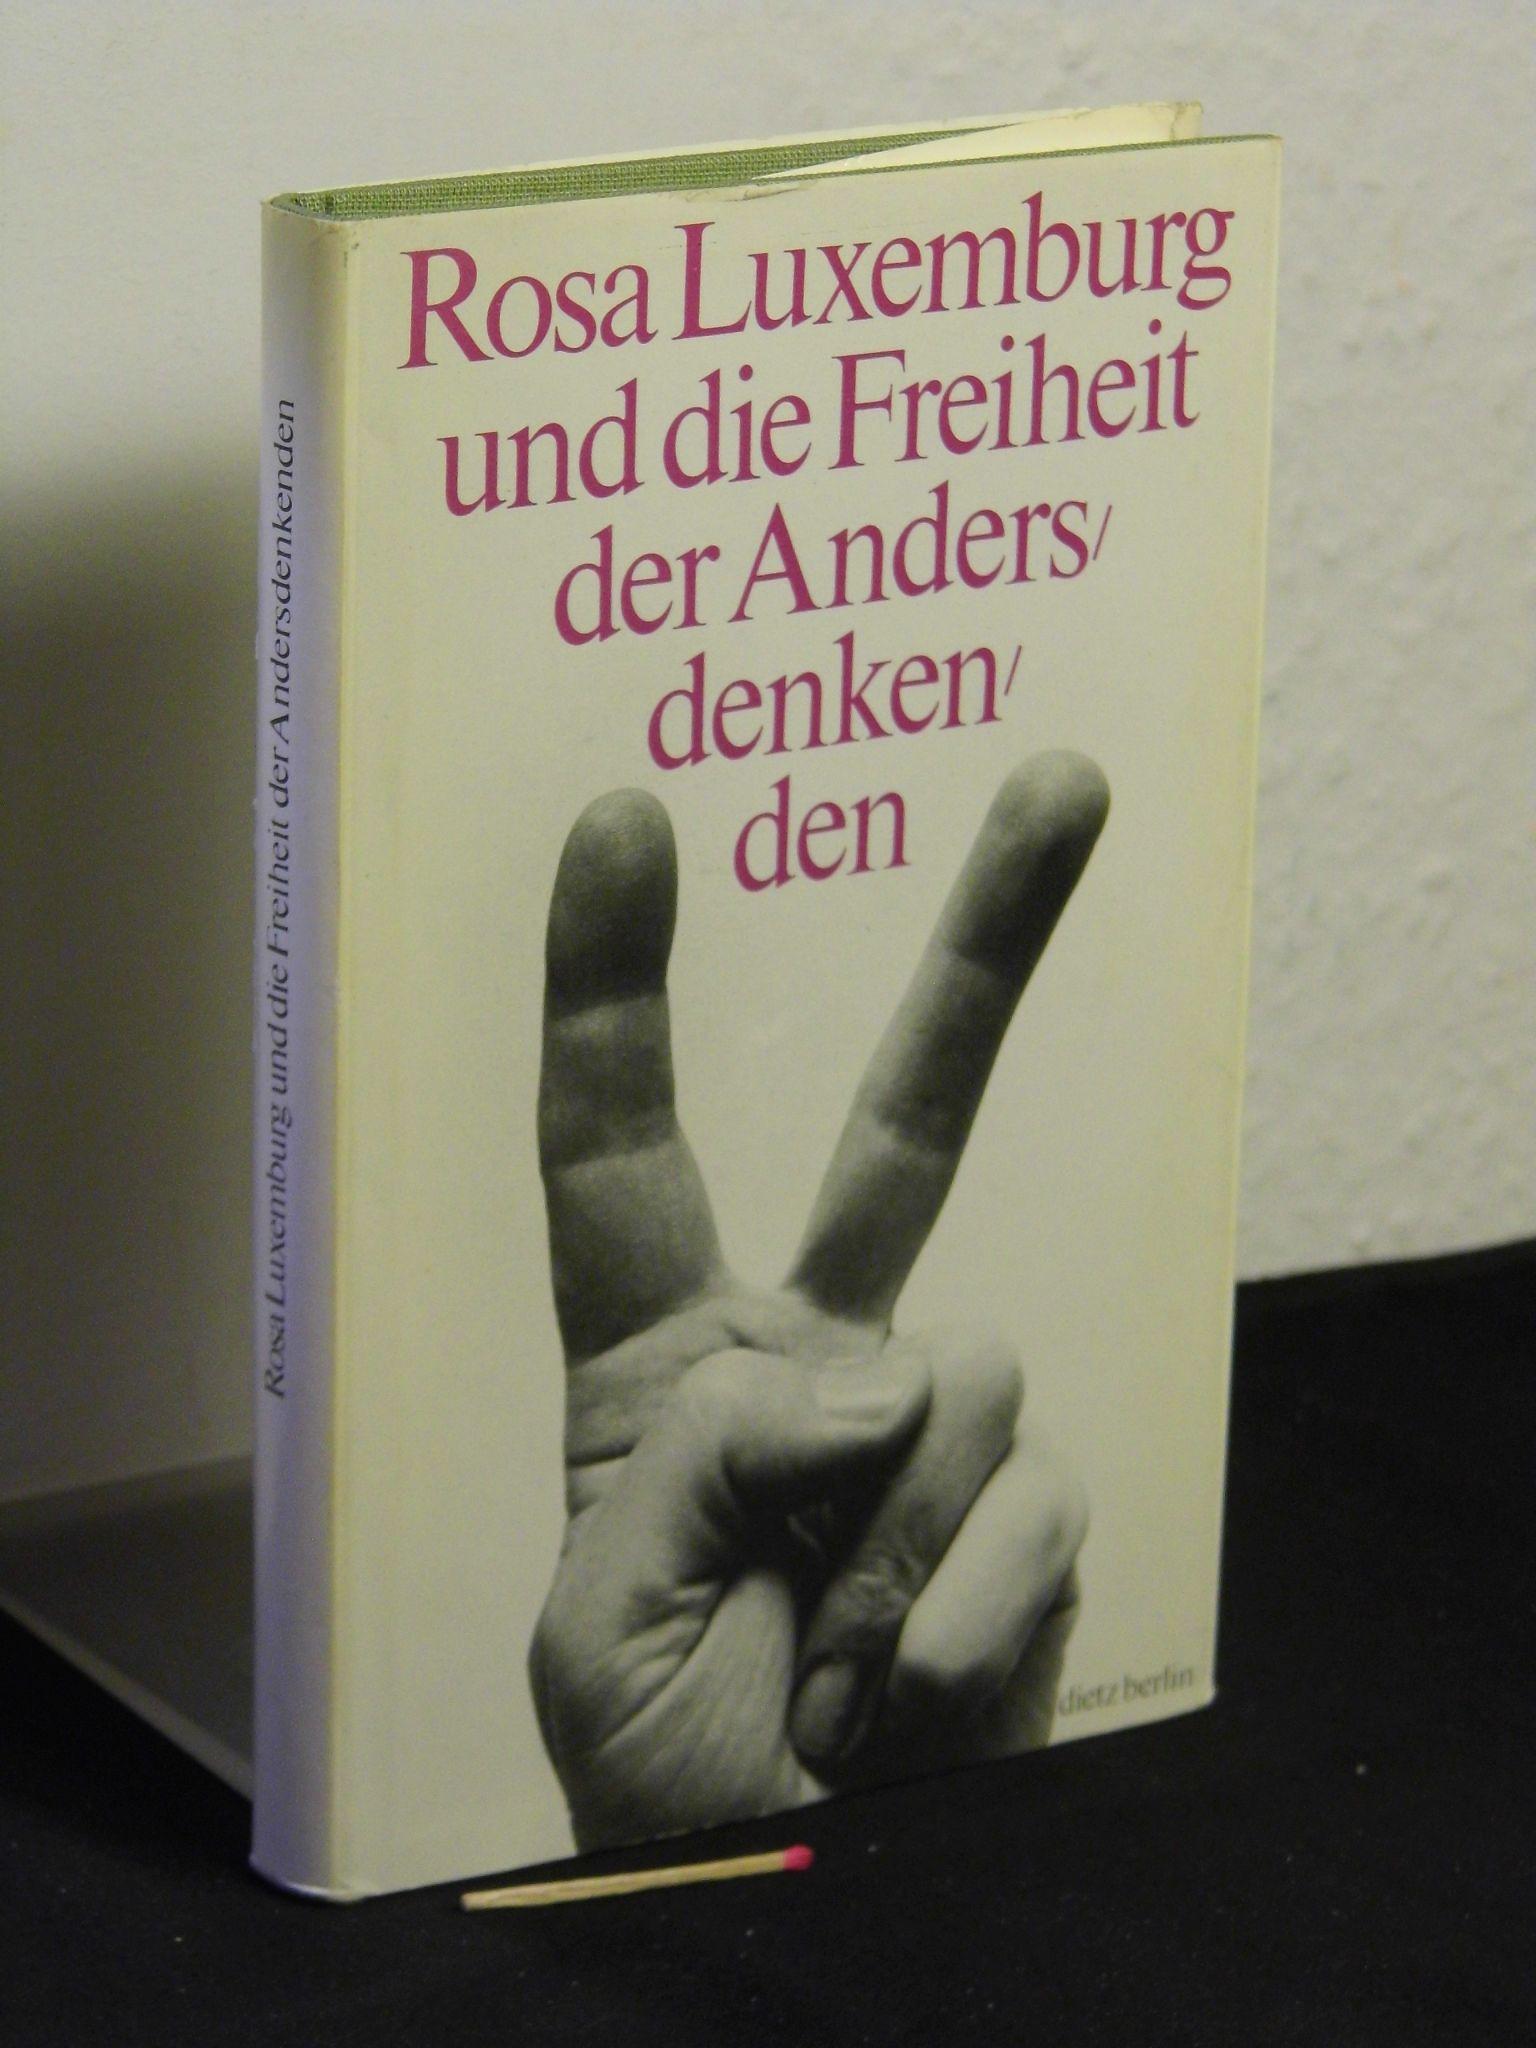 Rosa Luxemburg und die Freiheit der Andersdenkenden - Extraausgabe des unvollendeten Manuskripts 'Zur russischen Revolution' und anderer Quellen zur Polemik mit Lenin - - Luxemburg, Rosa -